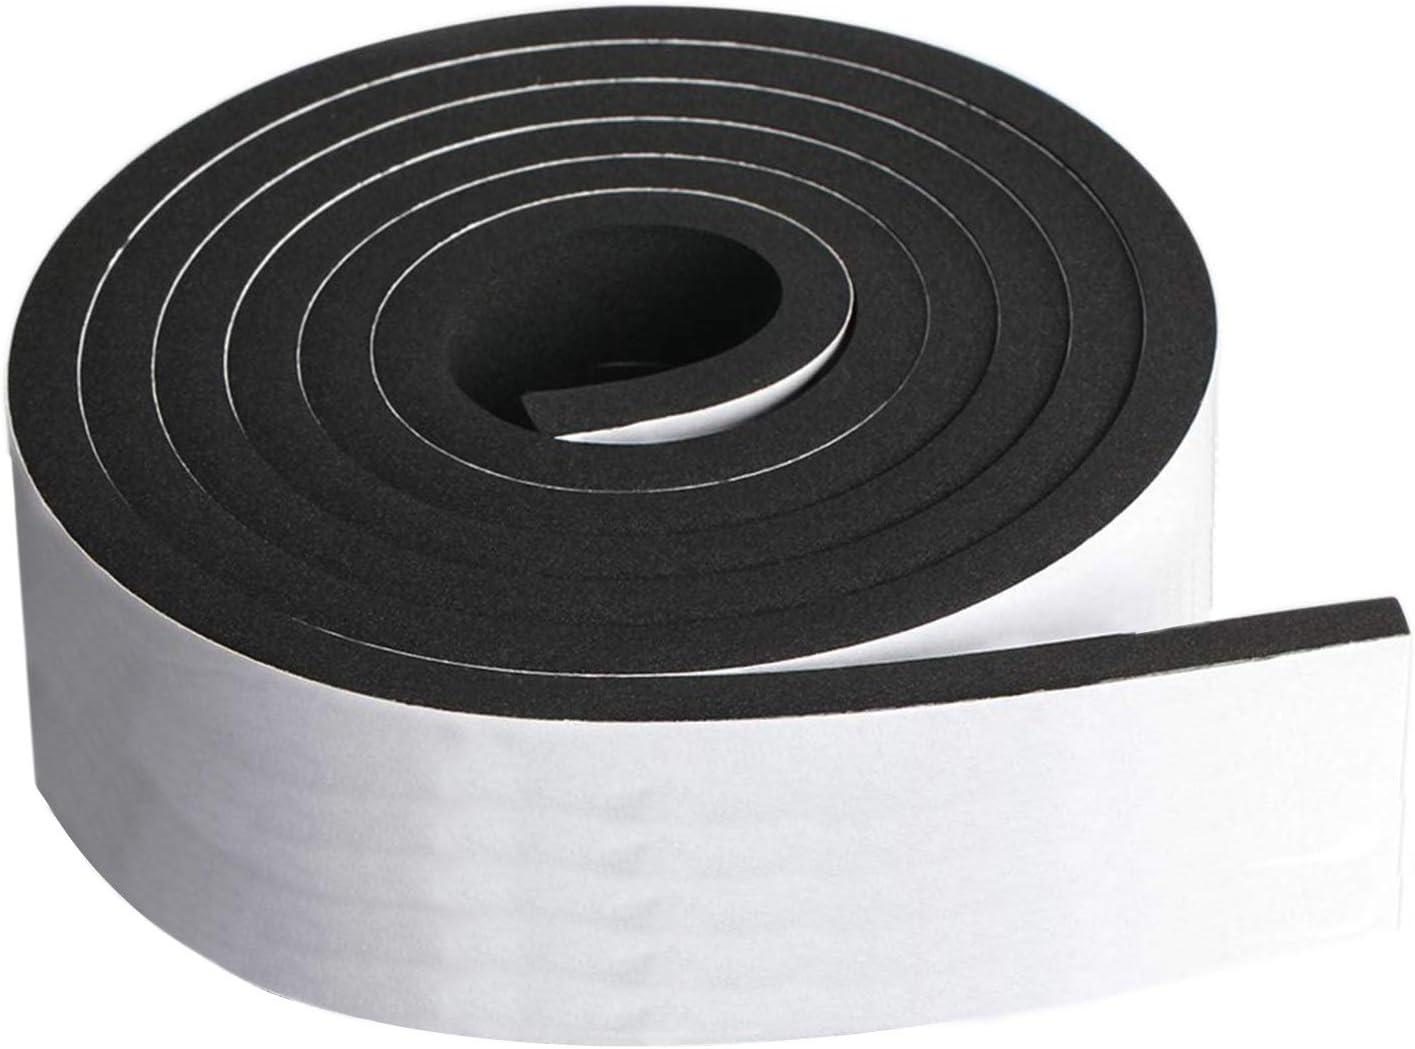 Neoprene Foam Strip Roll by Dualplex 3